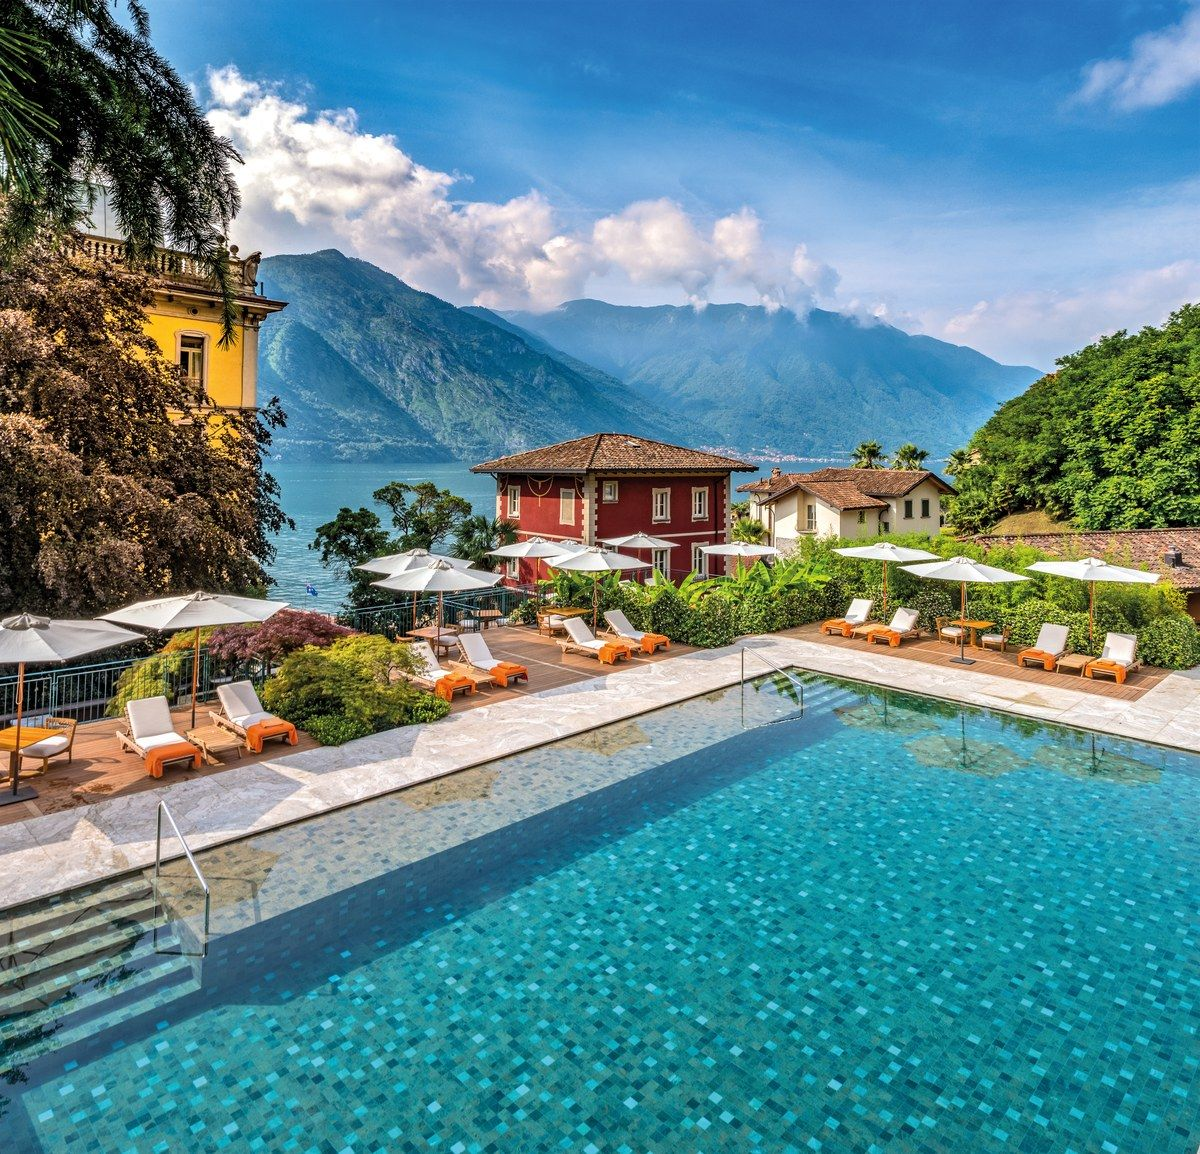 Grand Hotel Tremezzo Lake Como Italy Hotel Review Lake Hotel Lake Como Italy Hotels Lake Como Hotels